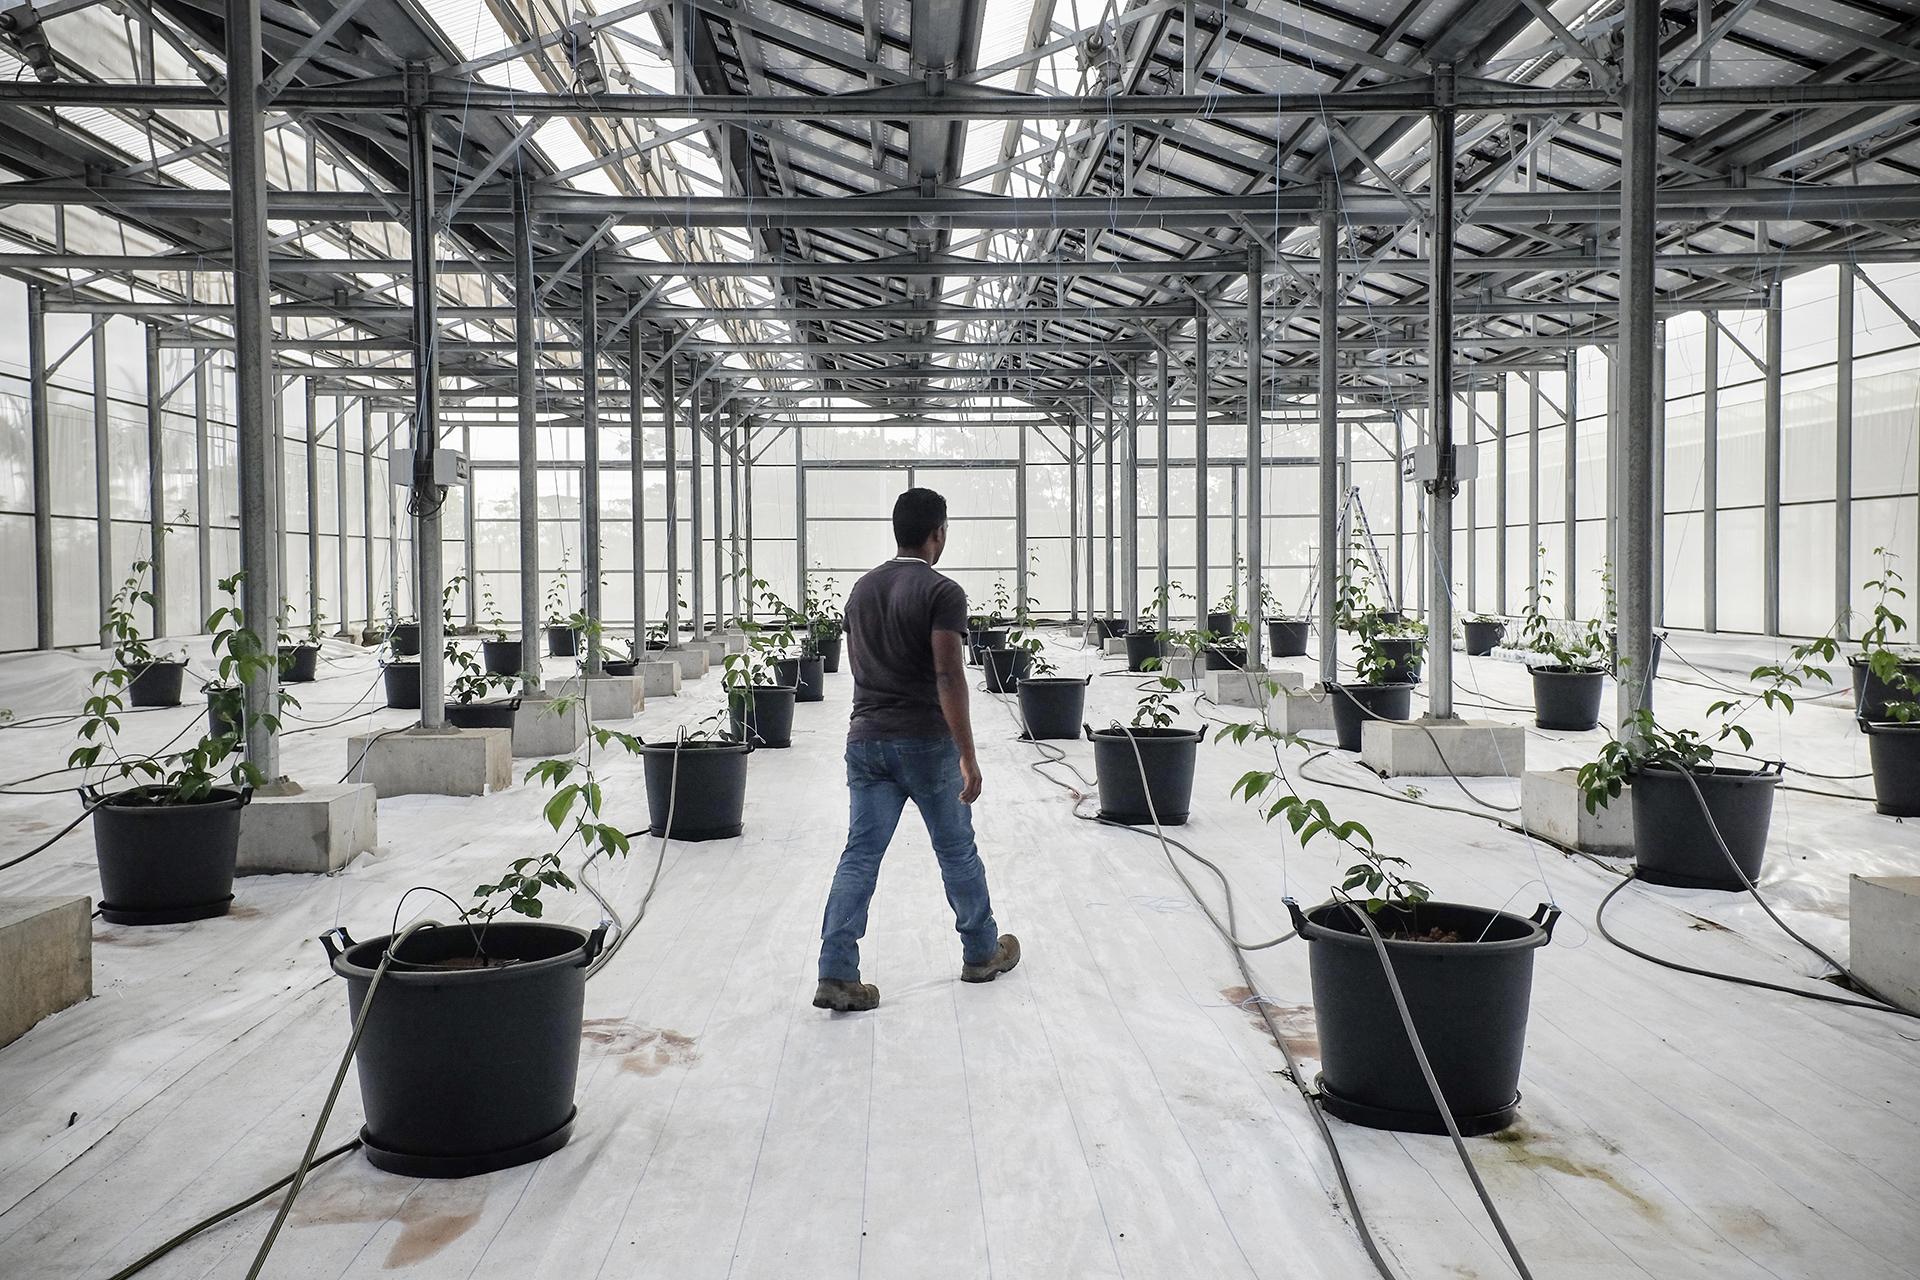 Visite avec Mr Tailamé (encadrant des détenus) des serre de Bardzour, la nouvelle centrale solaire d'Akuo Energy, a été construite à côté du centre de détention du Port (500 prisonniers hommes). Elle associe production d'électricité avec batteries de stockage (consommation de 12 000 foyers, 8 000 tonnes de CO2 évités par an), production agricole sous serre et réinsertion des détenus. Juillet 2015, Le Port, Ile de la Réunion.